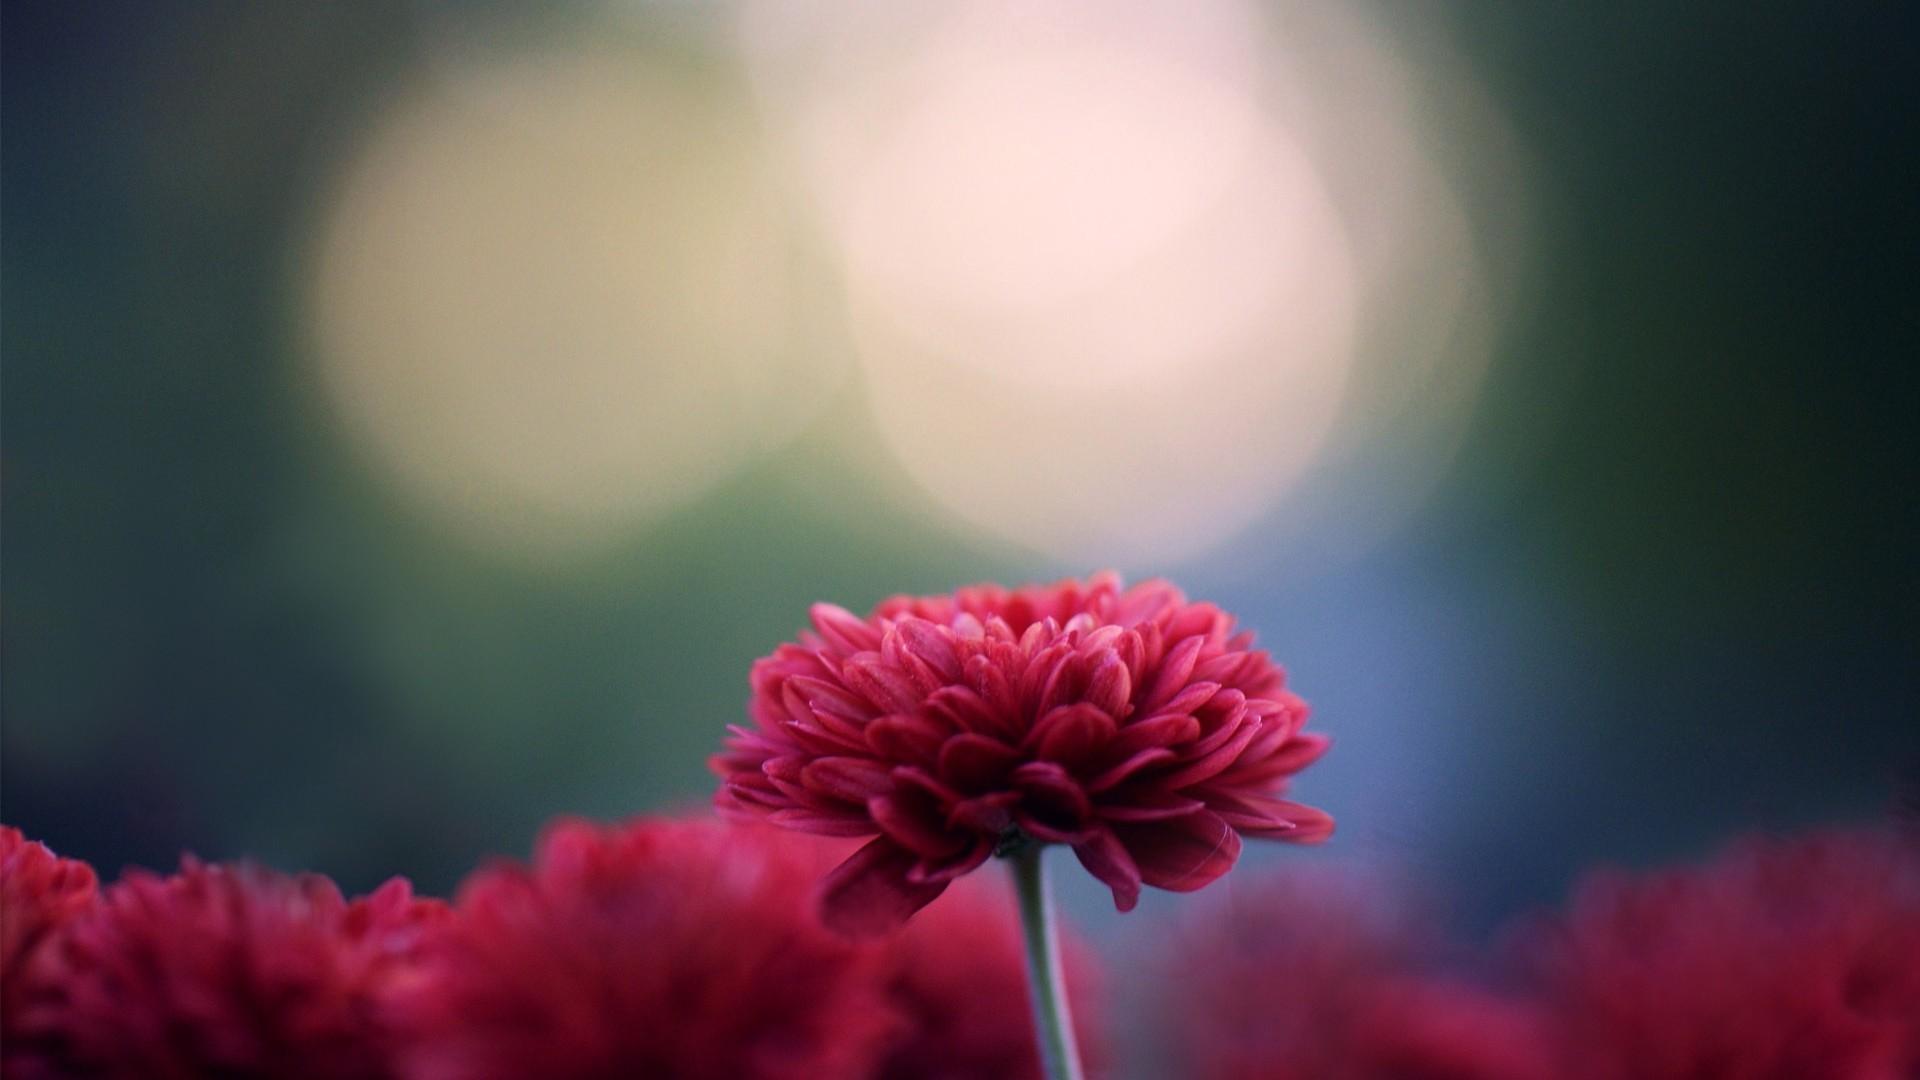 21742 скачать обои Растения, Цветы - заставки и картинки бесплатно